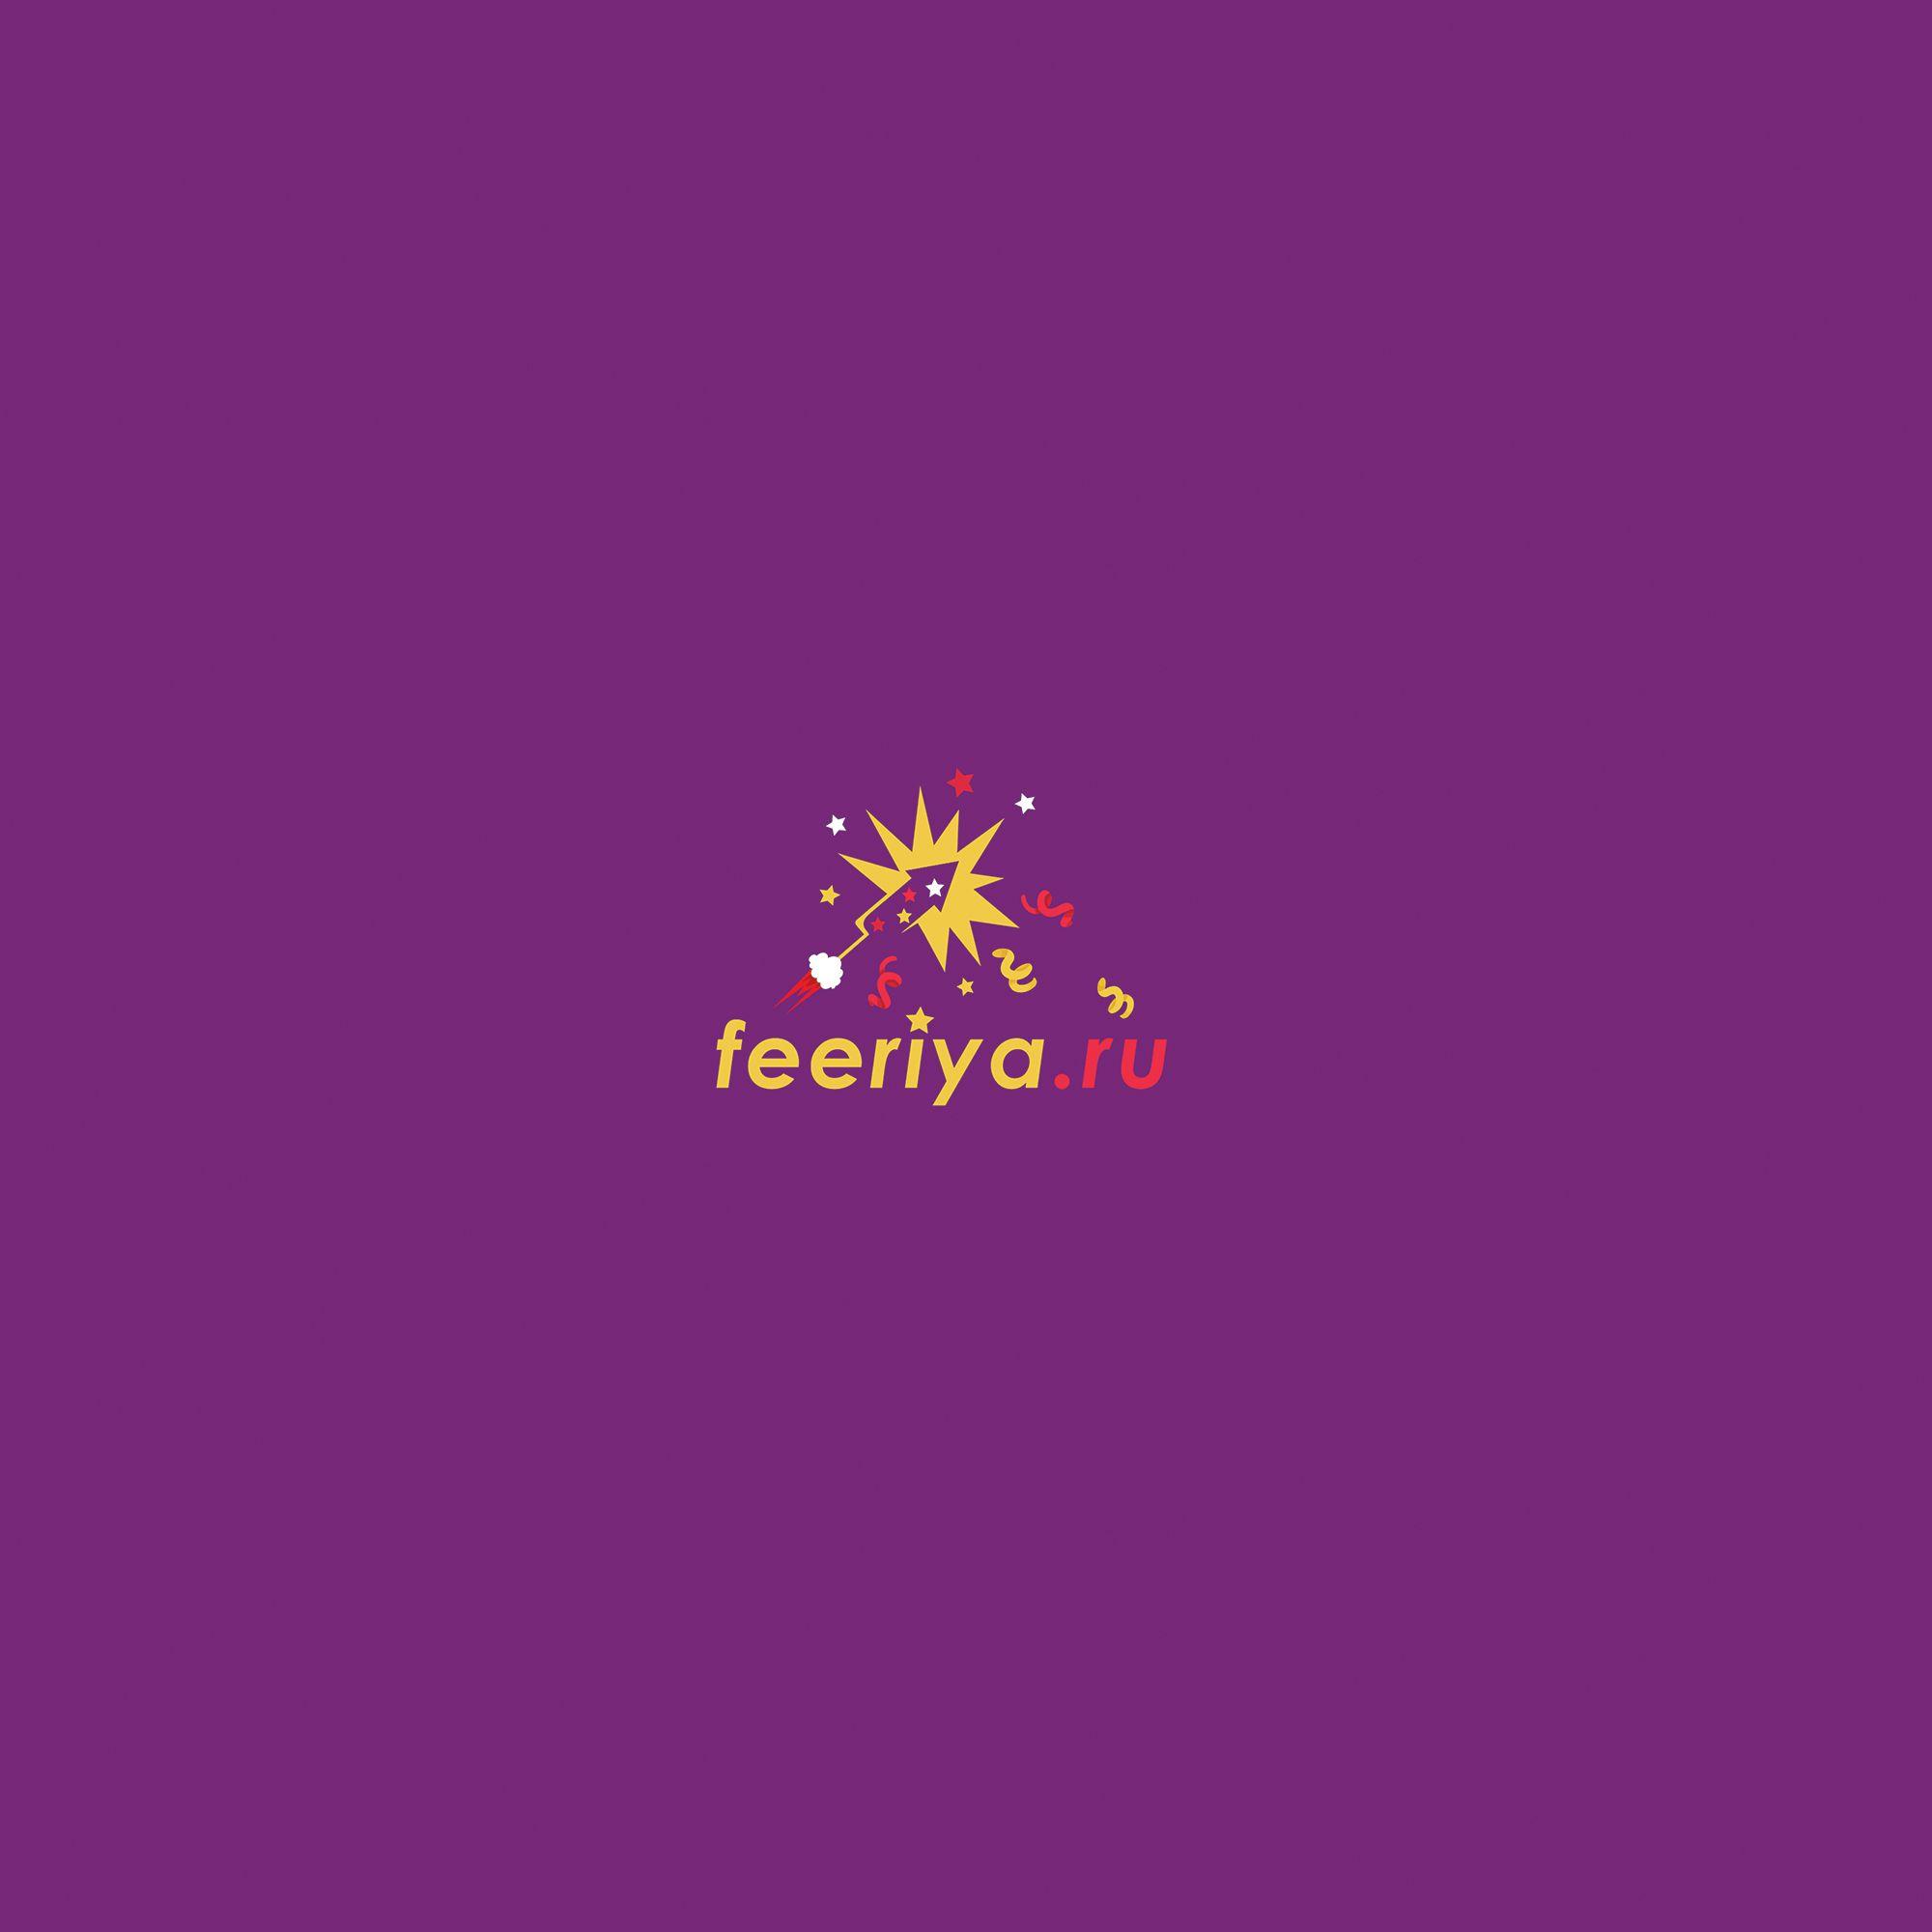 Логотип для feeriya.ru - дизайнер venera